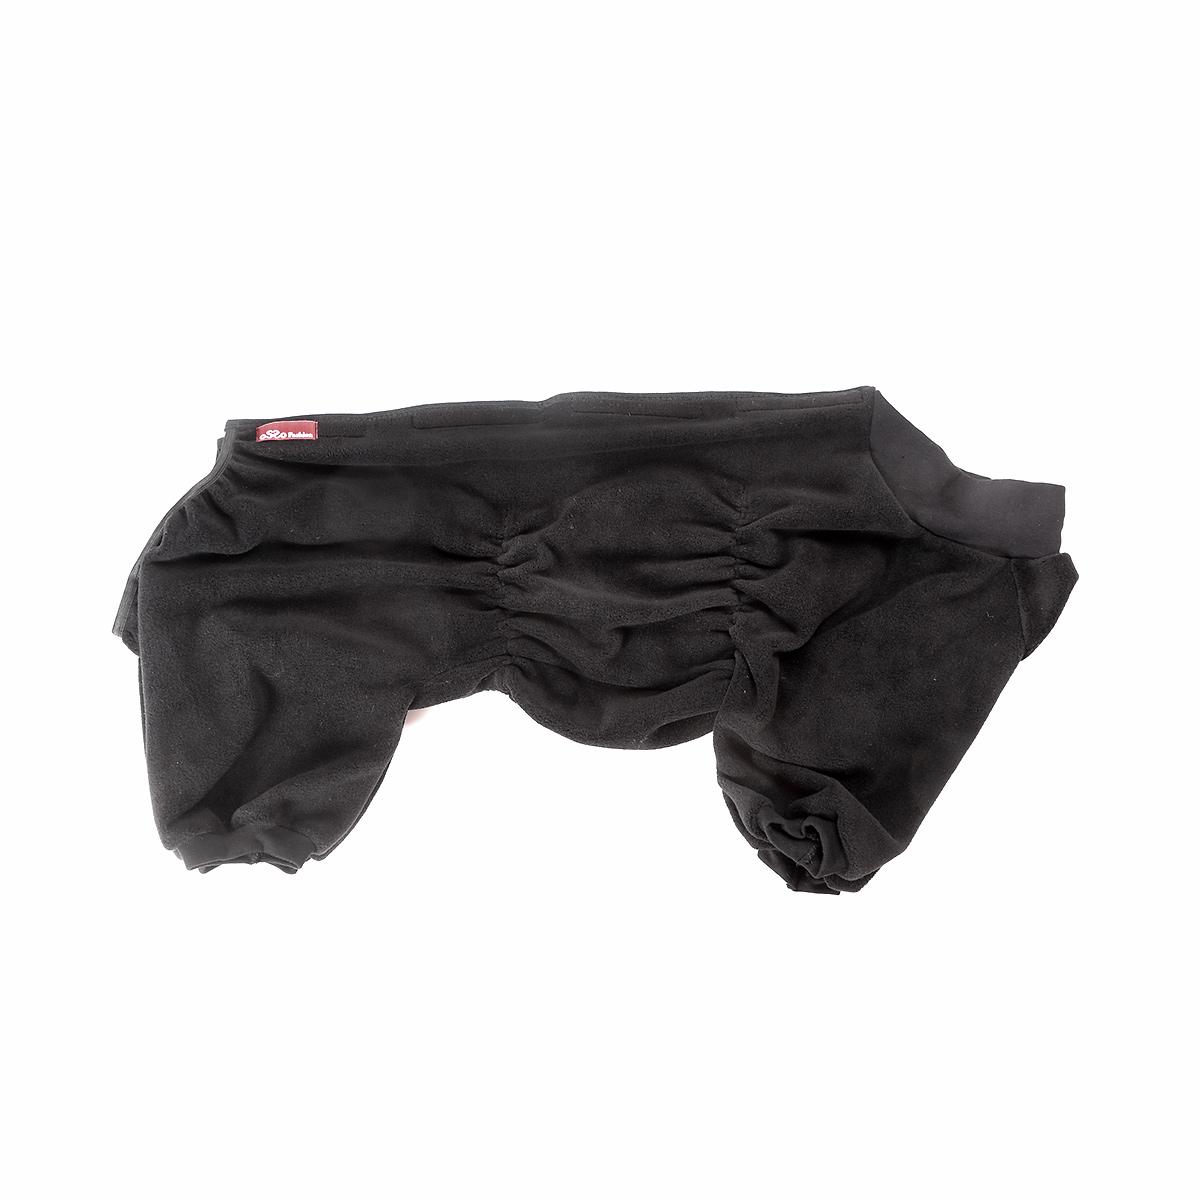 Комбинезон для собак OSSO Fashion, для мальчика, цвет: графит. Размер 70Кф-1026Комбинезон для собак OSSO Fashion выполнен из флиса. Комфортная посадка по корпусу достигается за счет резинок-утяжек под грудью и животом. На воротнике имеются завязки, для дополнительной фиксации. Можно носить самостоятельно и как поддевку под комбинезон для собак. Изделие отлично стирается, быстро сохнет.Длина спинки: 70 см.Объем груди: 74-104 см.